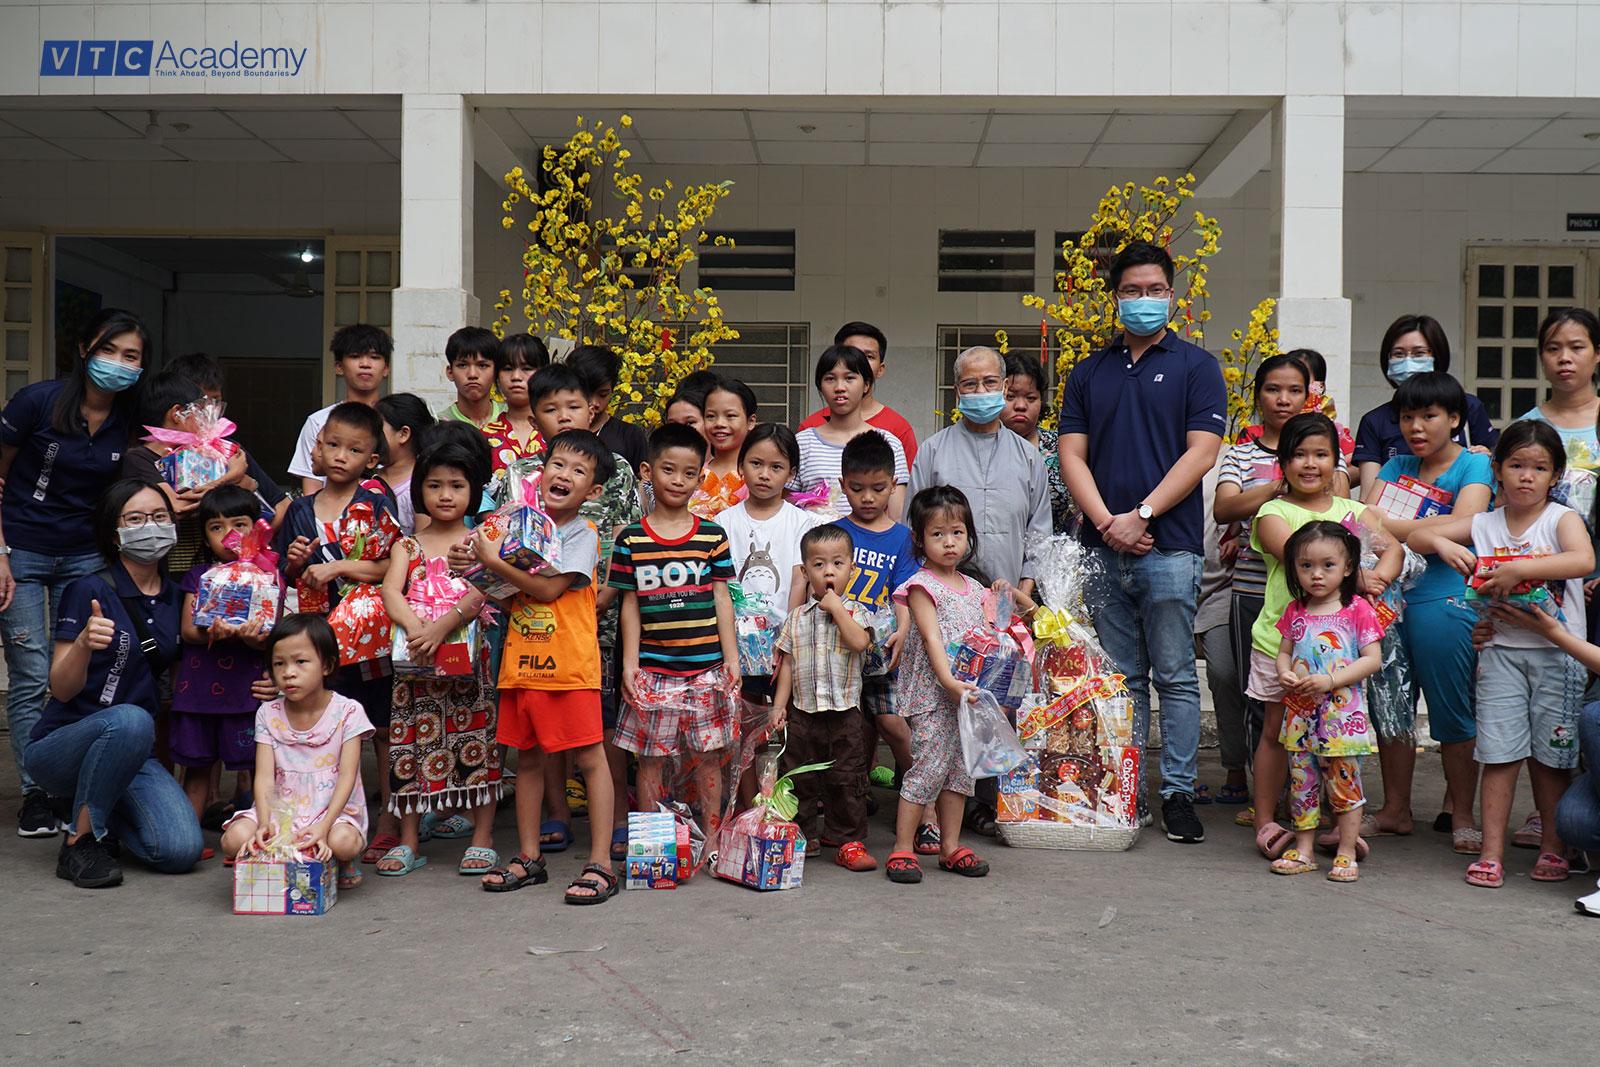 Tập thể VTC Academy mang niềm vui mùa Tết Tân Sửu 2021 đến cho các em nhỏ kém may mắn tại TP.HCM